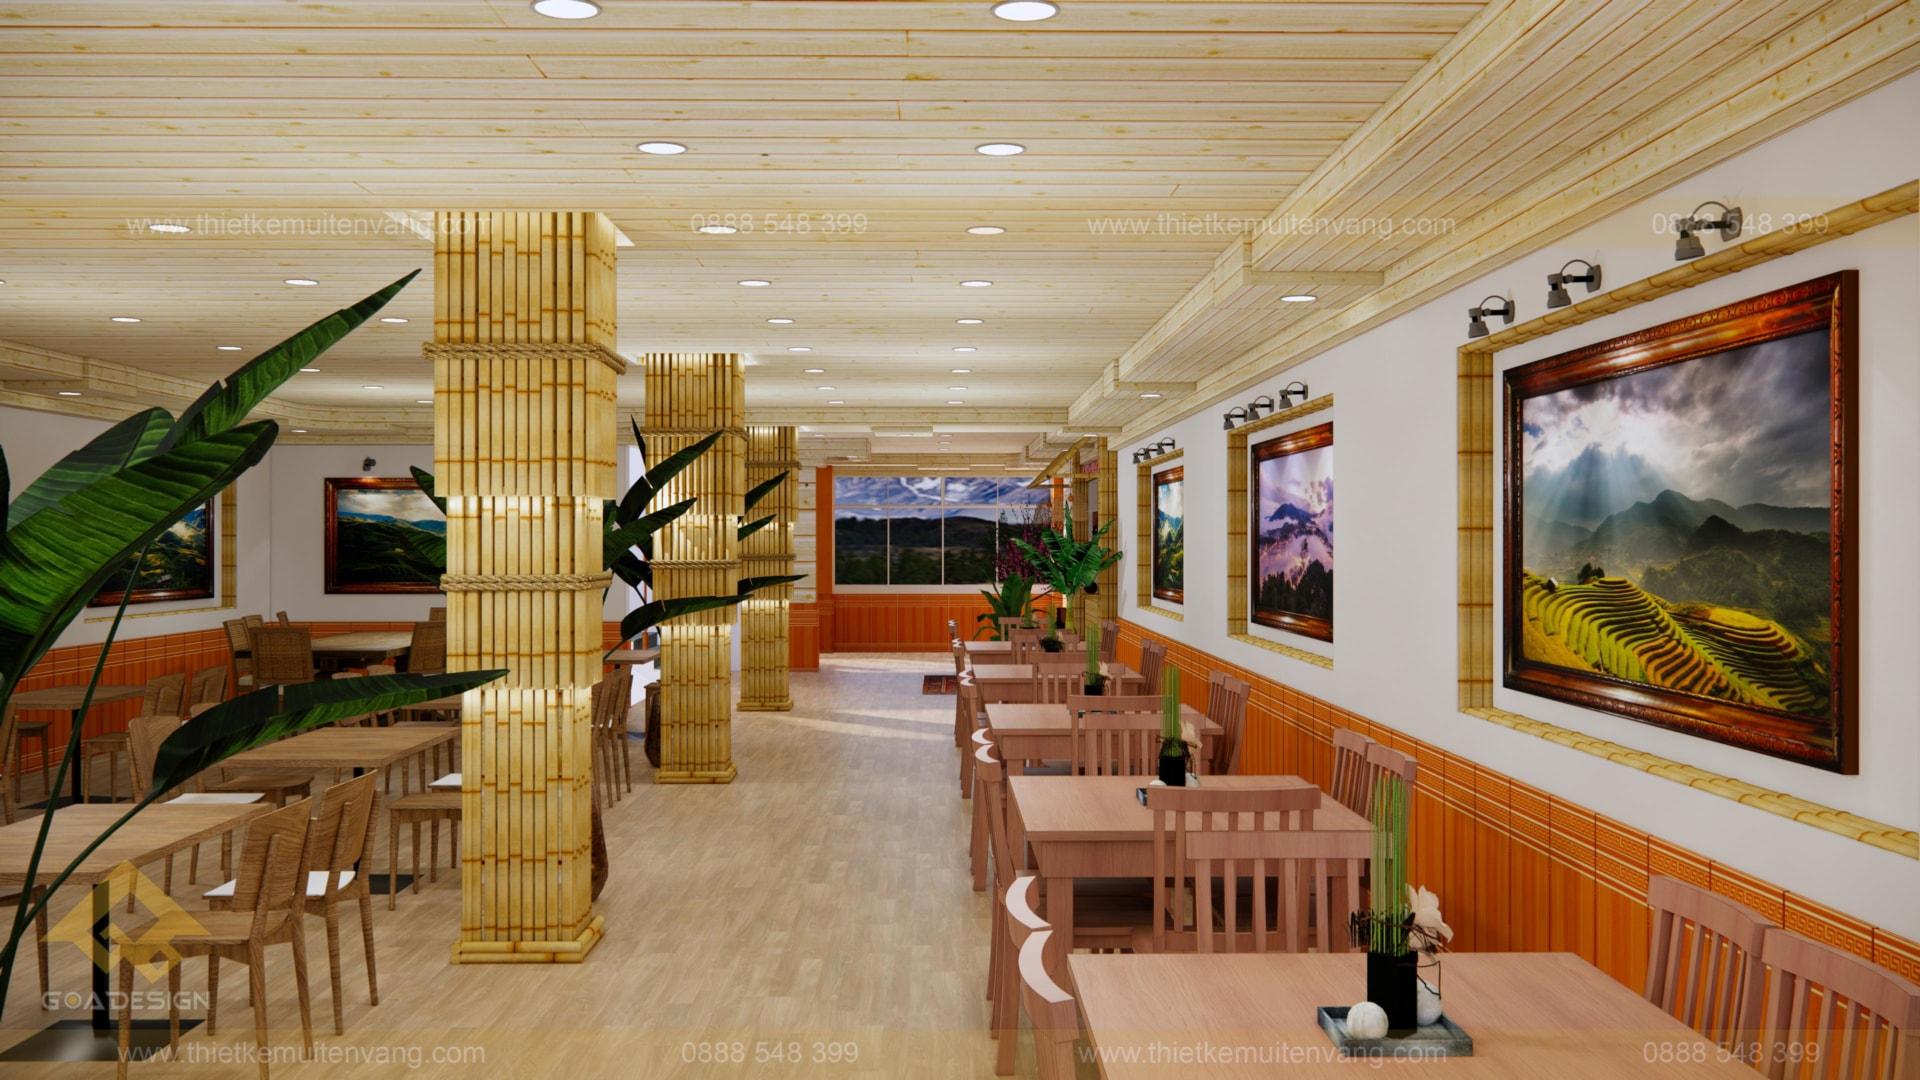 thiết kế nhà nhà hàng sapa 2020 (3)